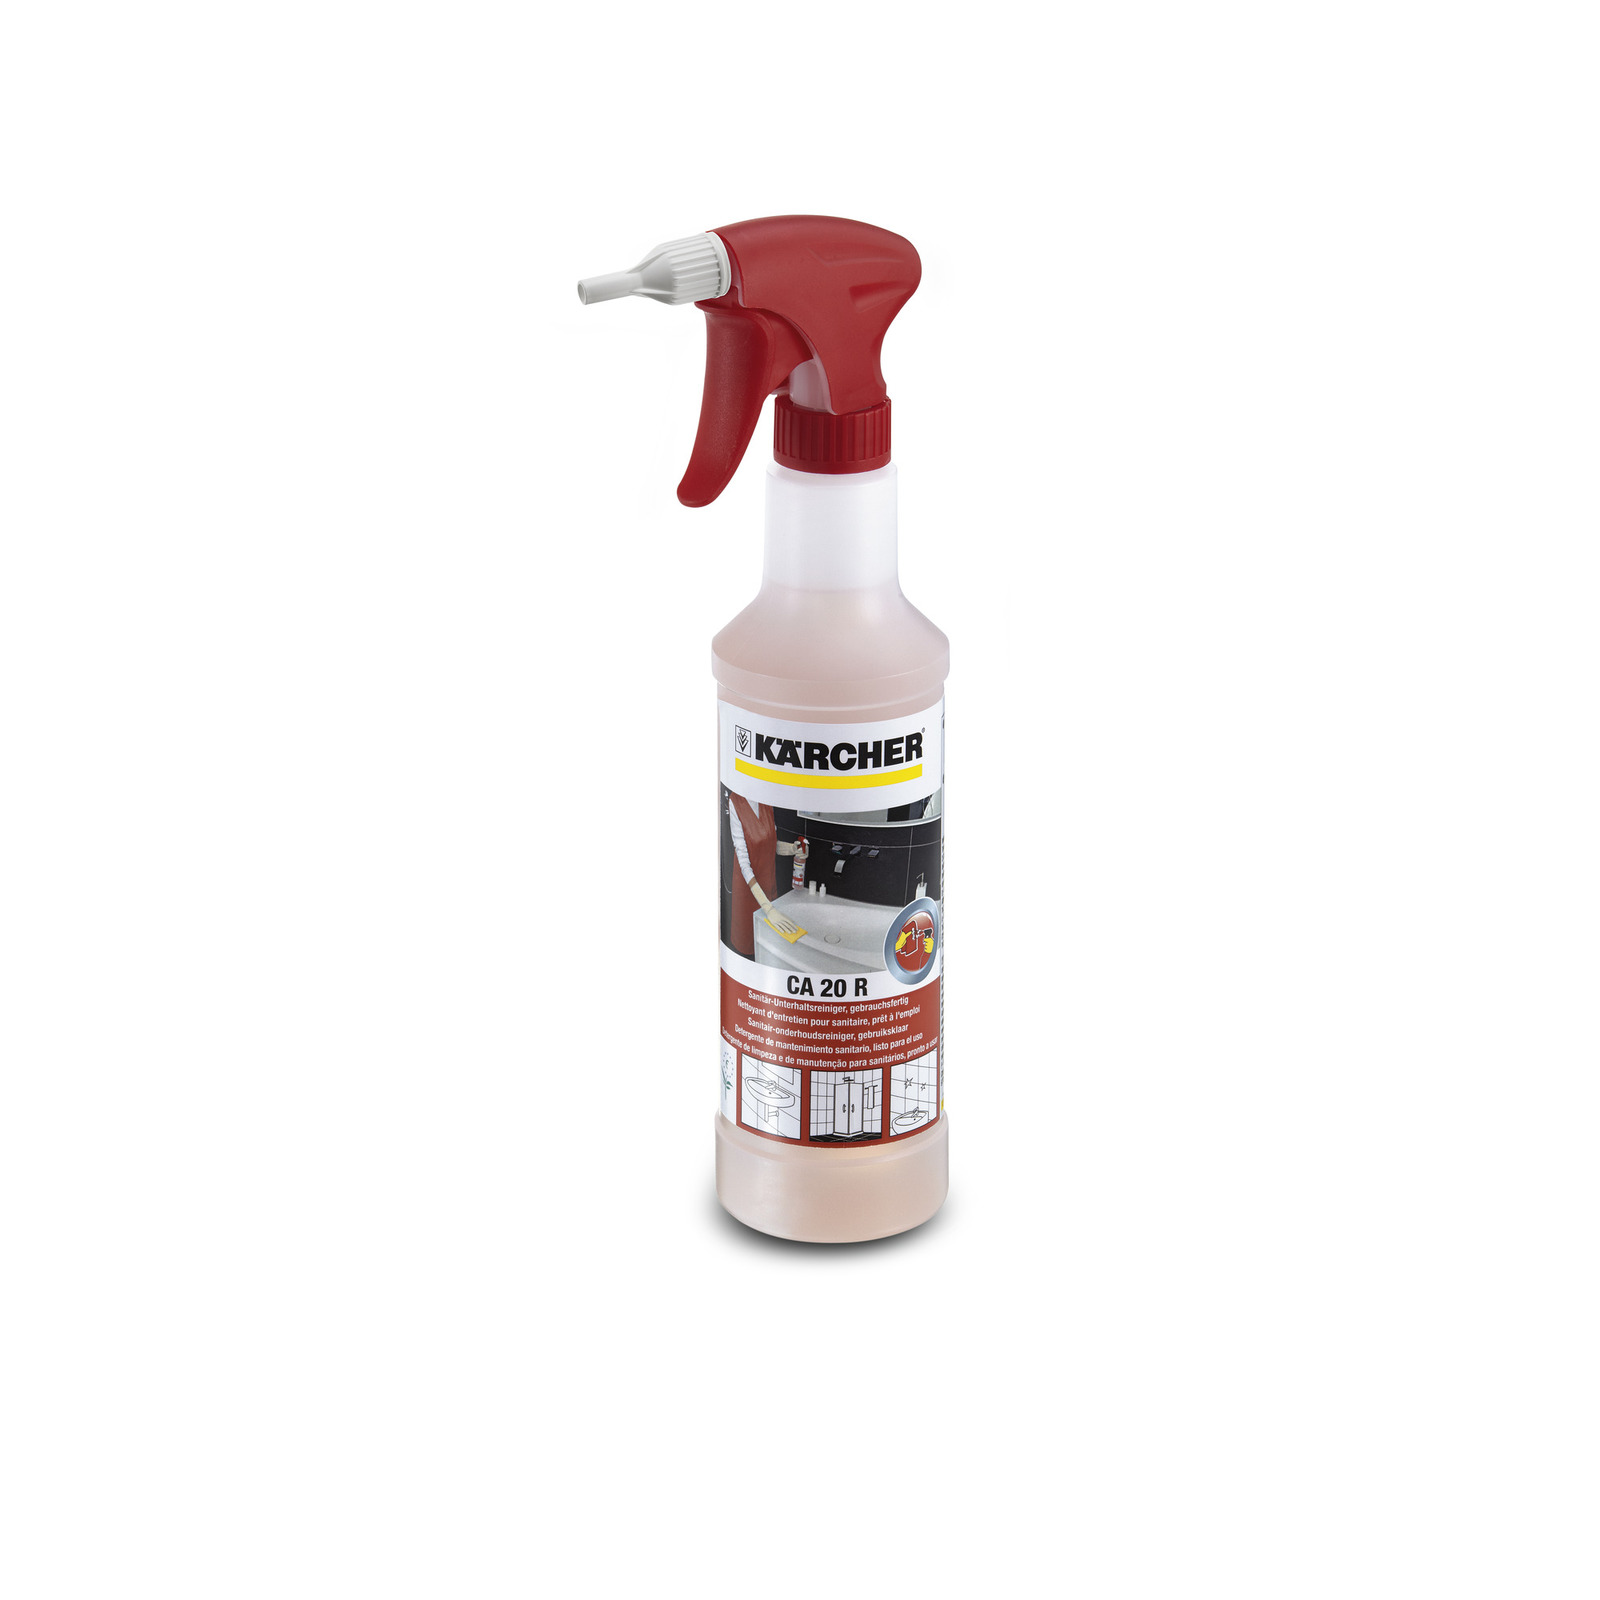 Почистващ препарат за санитарни помещения Karcher CA 20 R - 0.5л